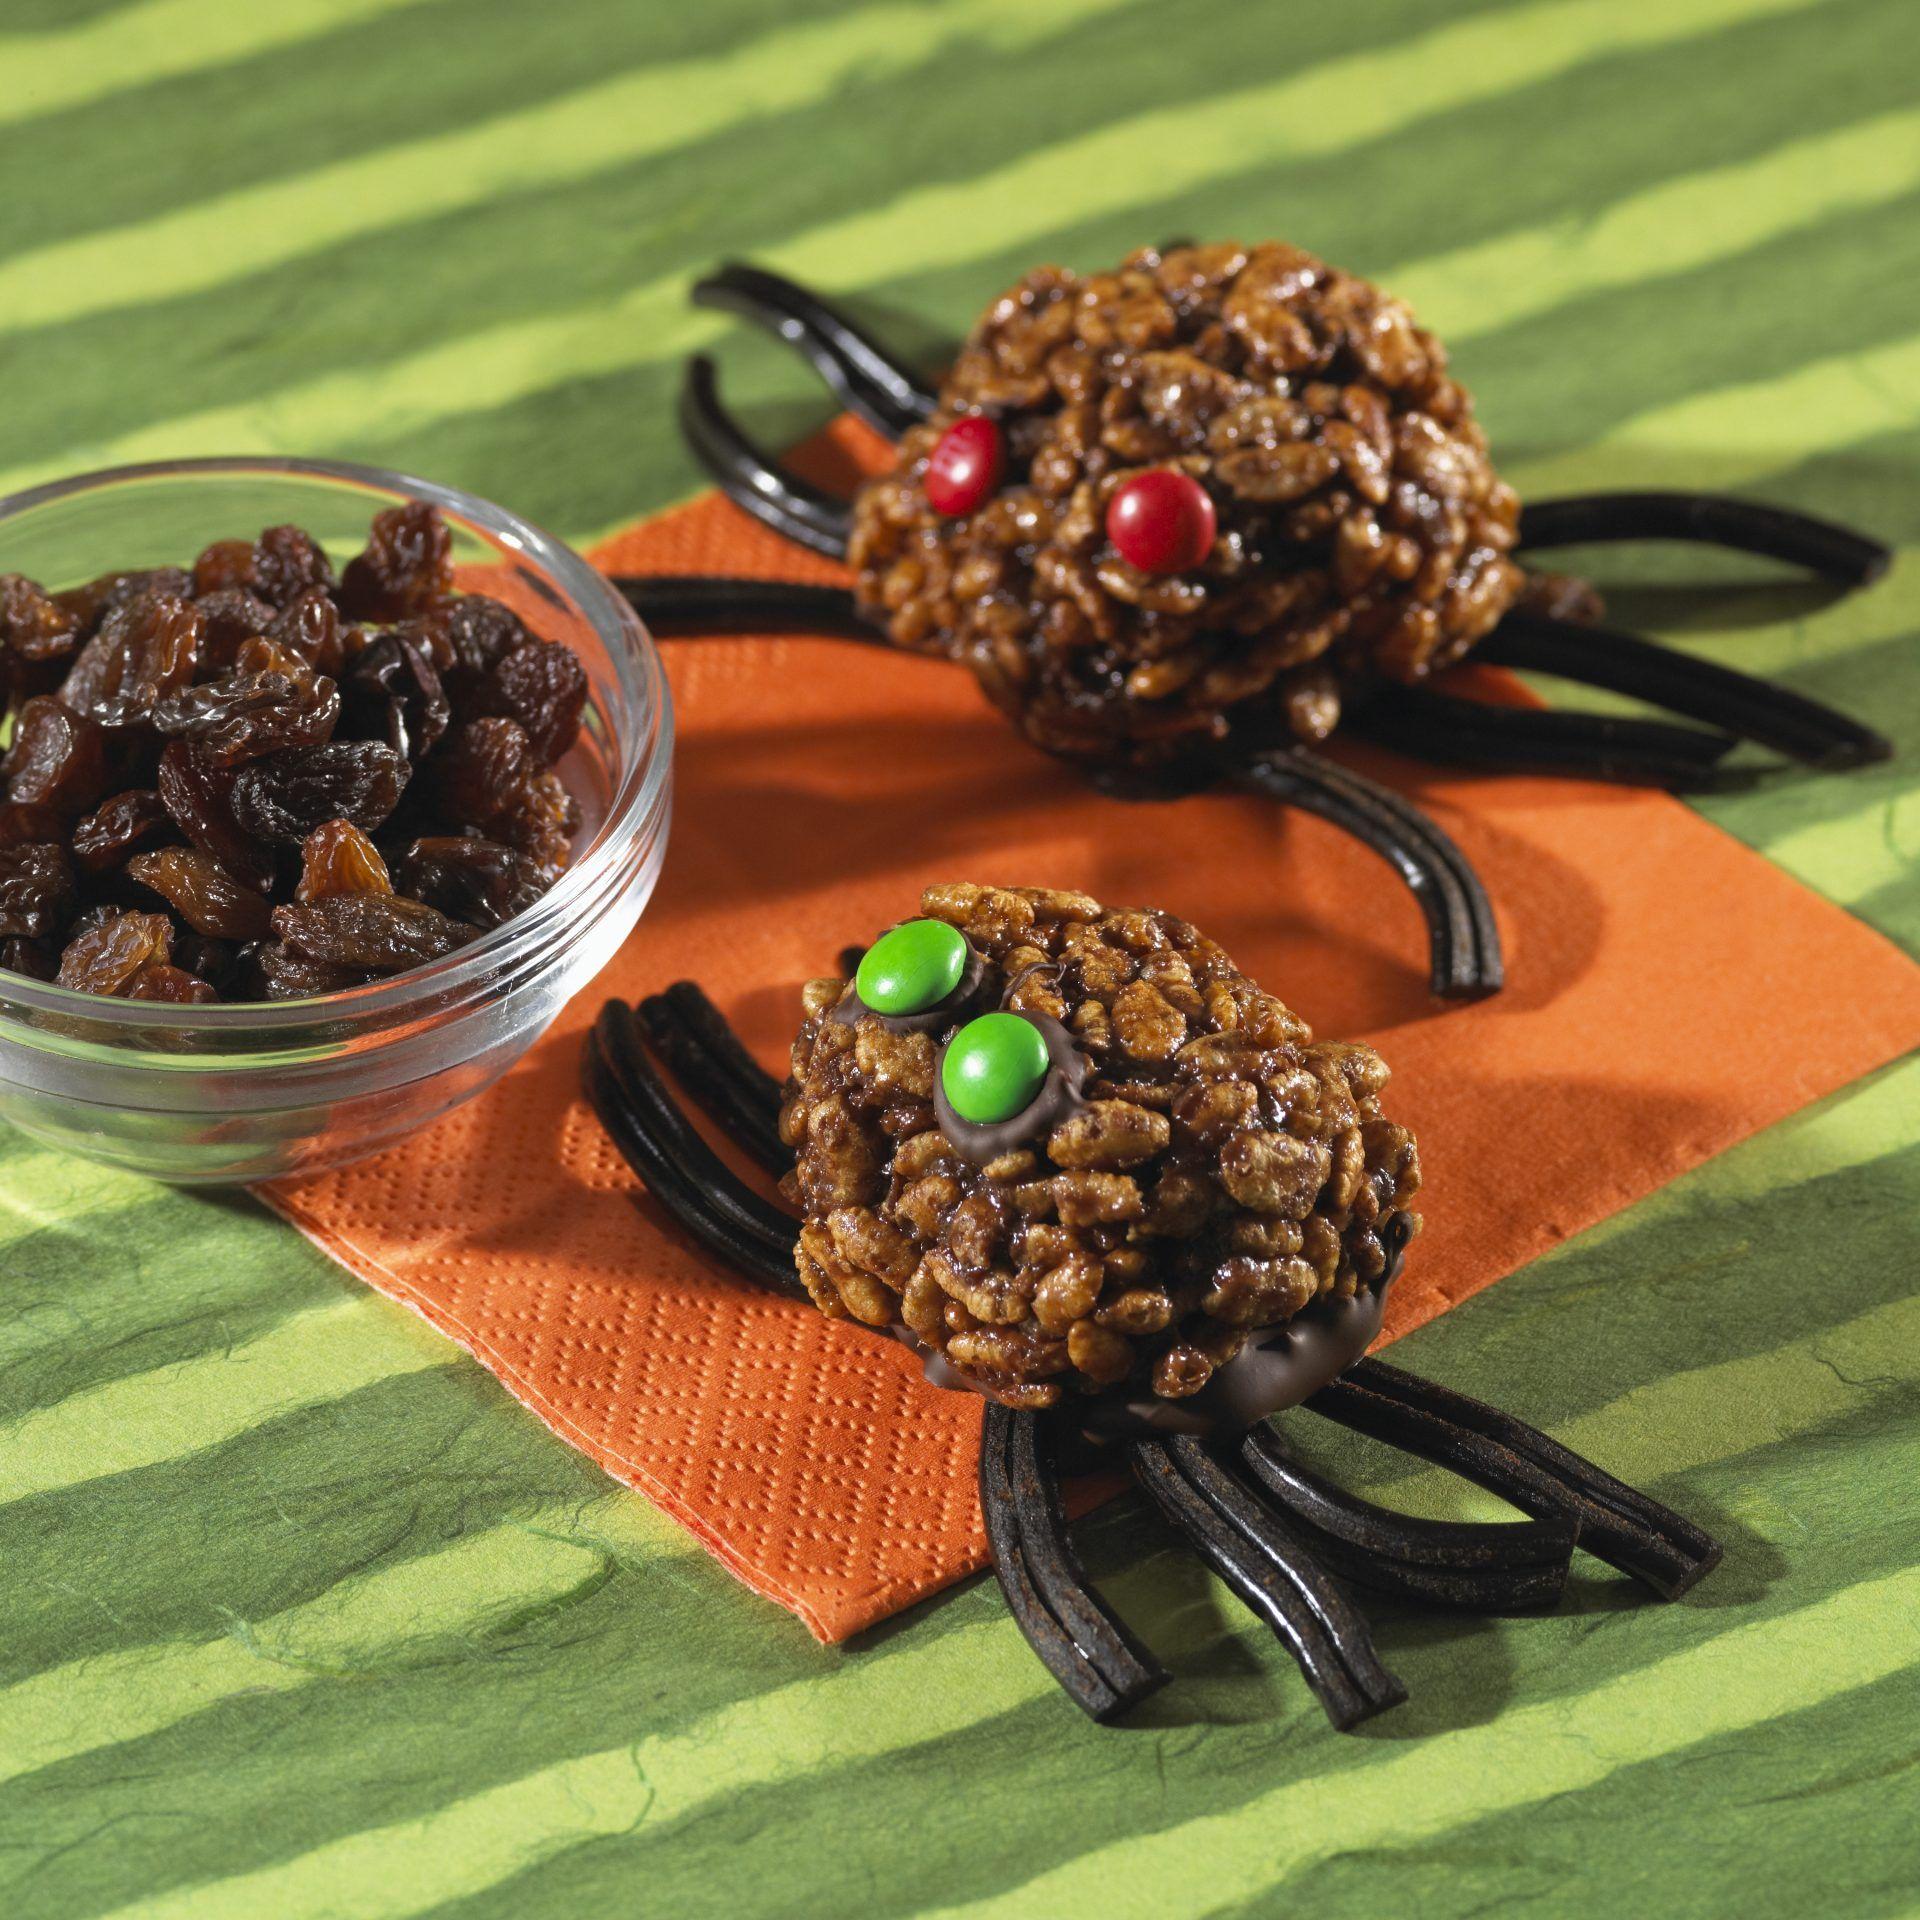 Gruseliges Getier zum Vernaschen Halloween snacks für